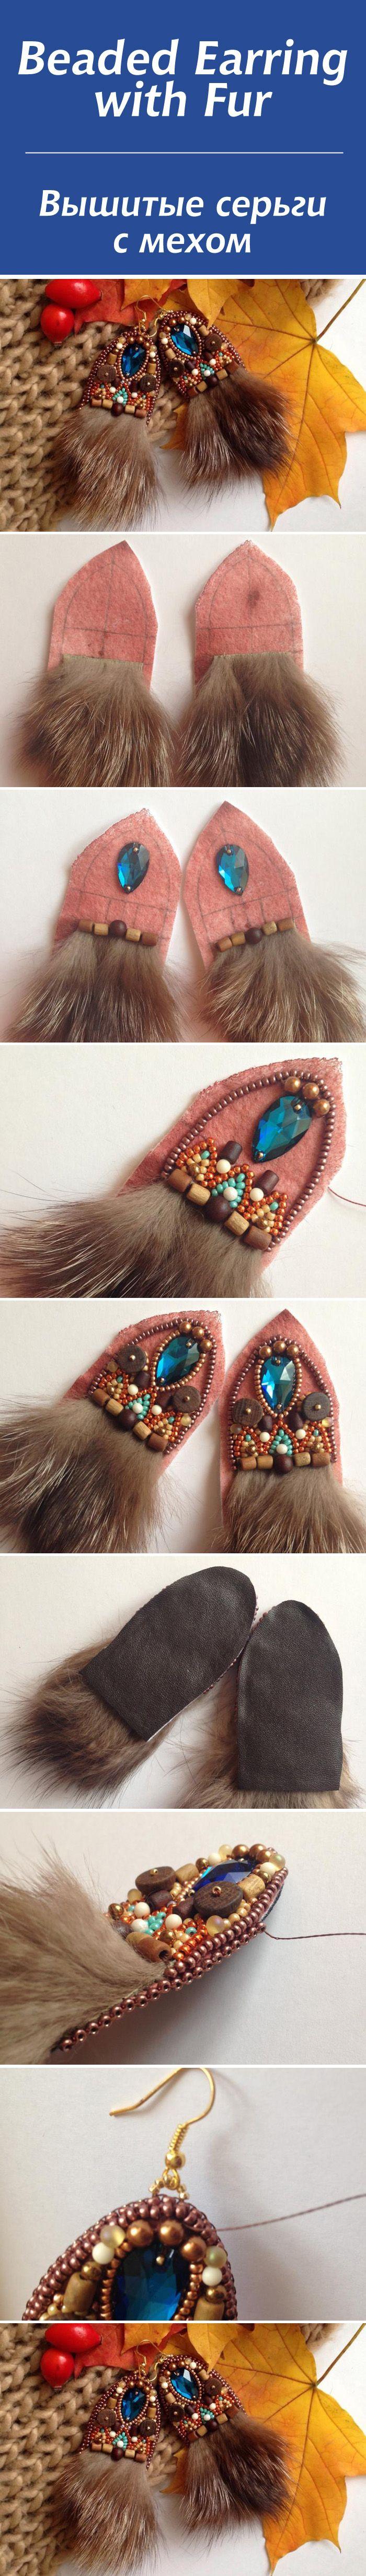 Вышитые серьги с мехом #bead #beadwork